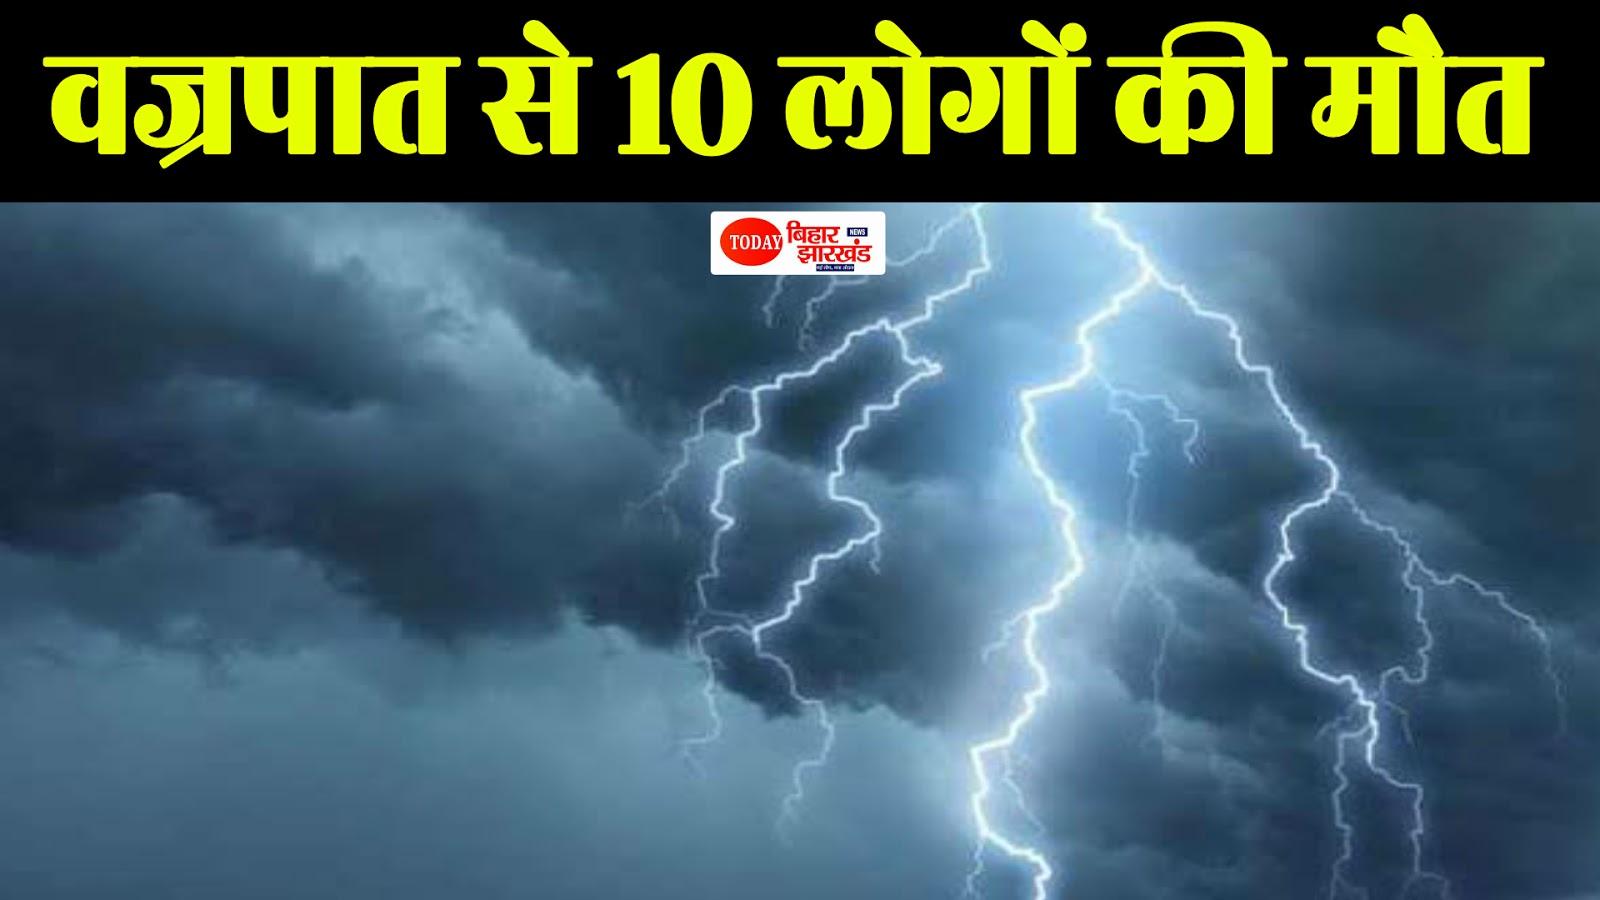 बिहार में अलग- अलग ज़िलों में ठनका गिरने से 10 लोगो की मौत, आज और कल भारी बारिश का रेड अलर्ट जारी